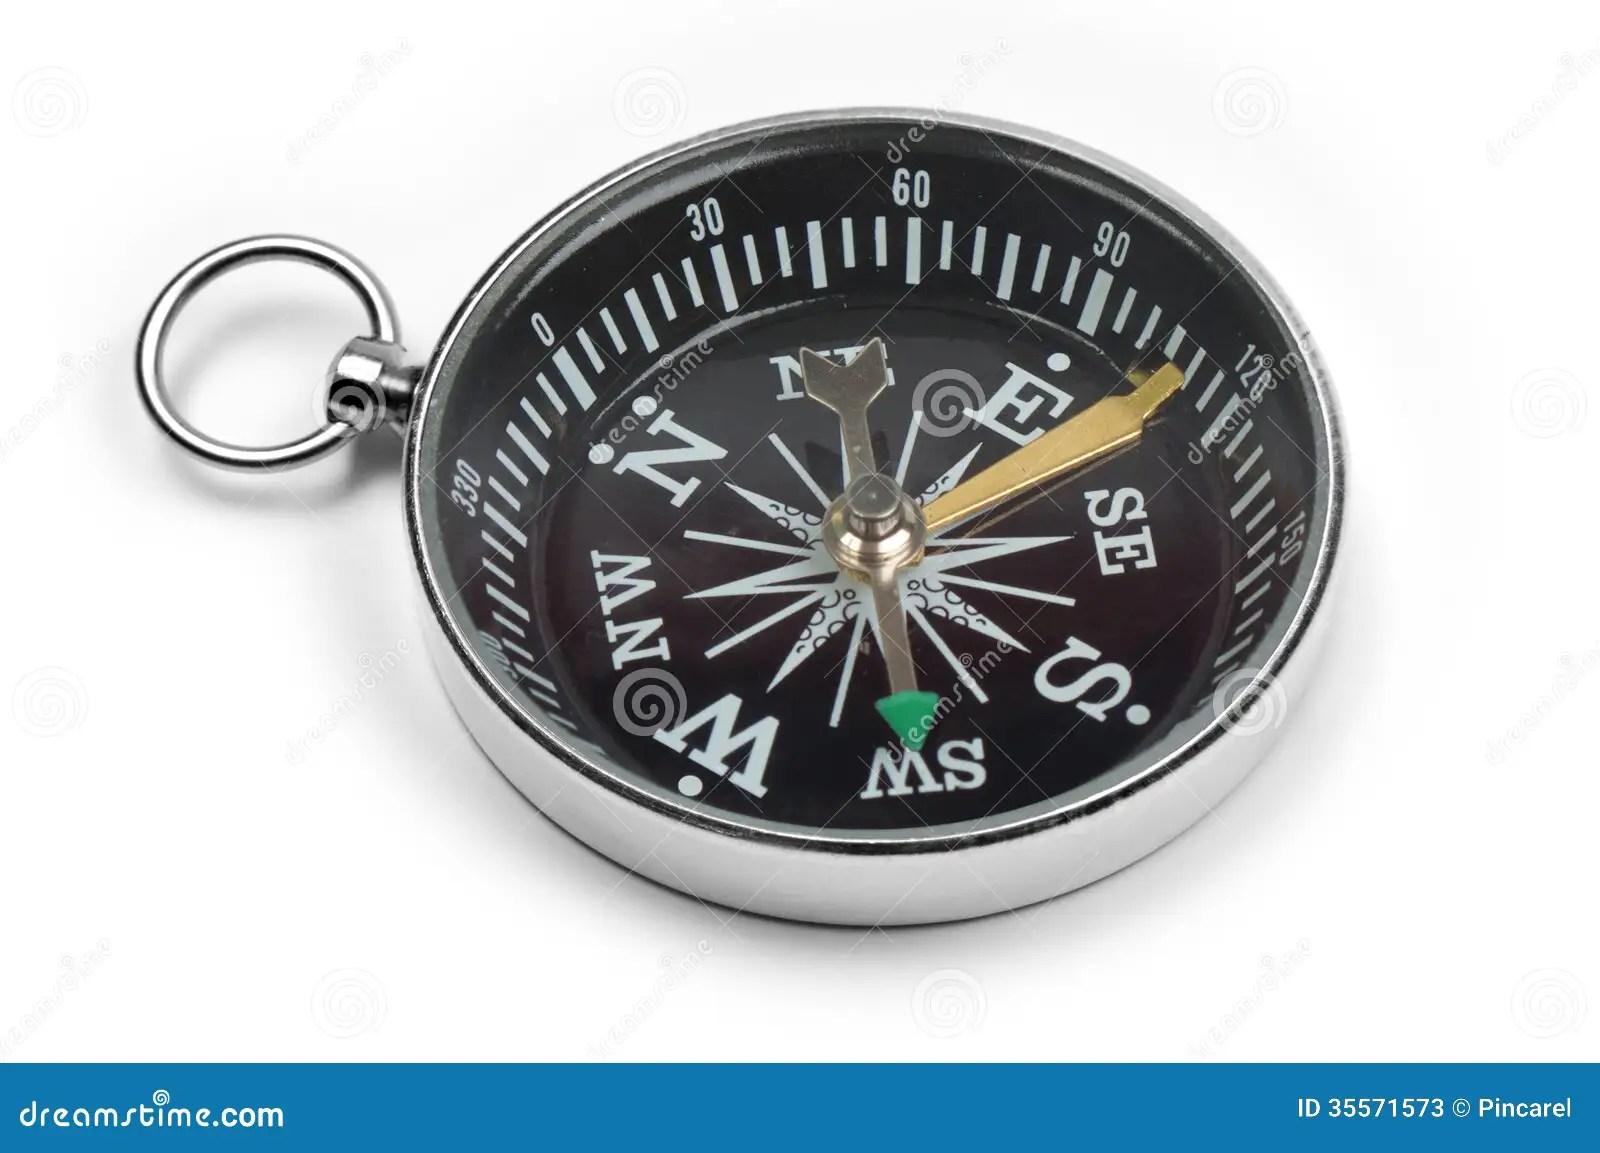 Compass Stock Photos  Image 35571573